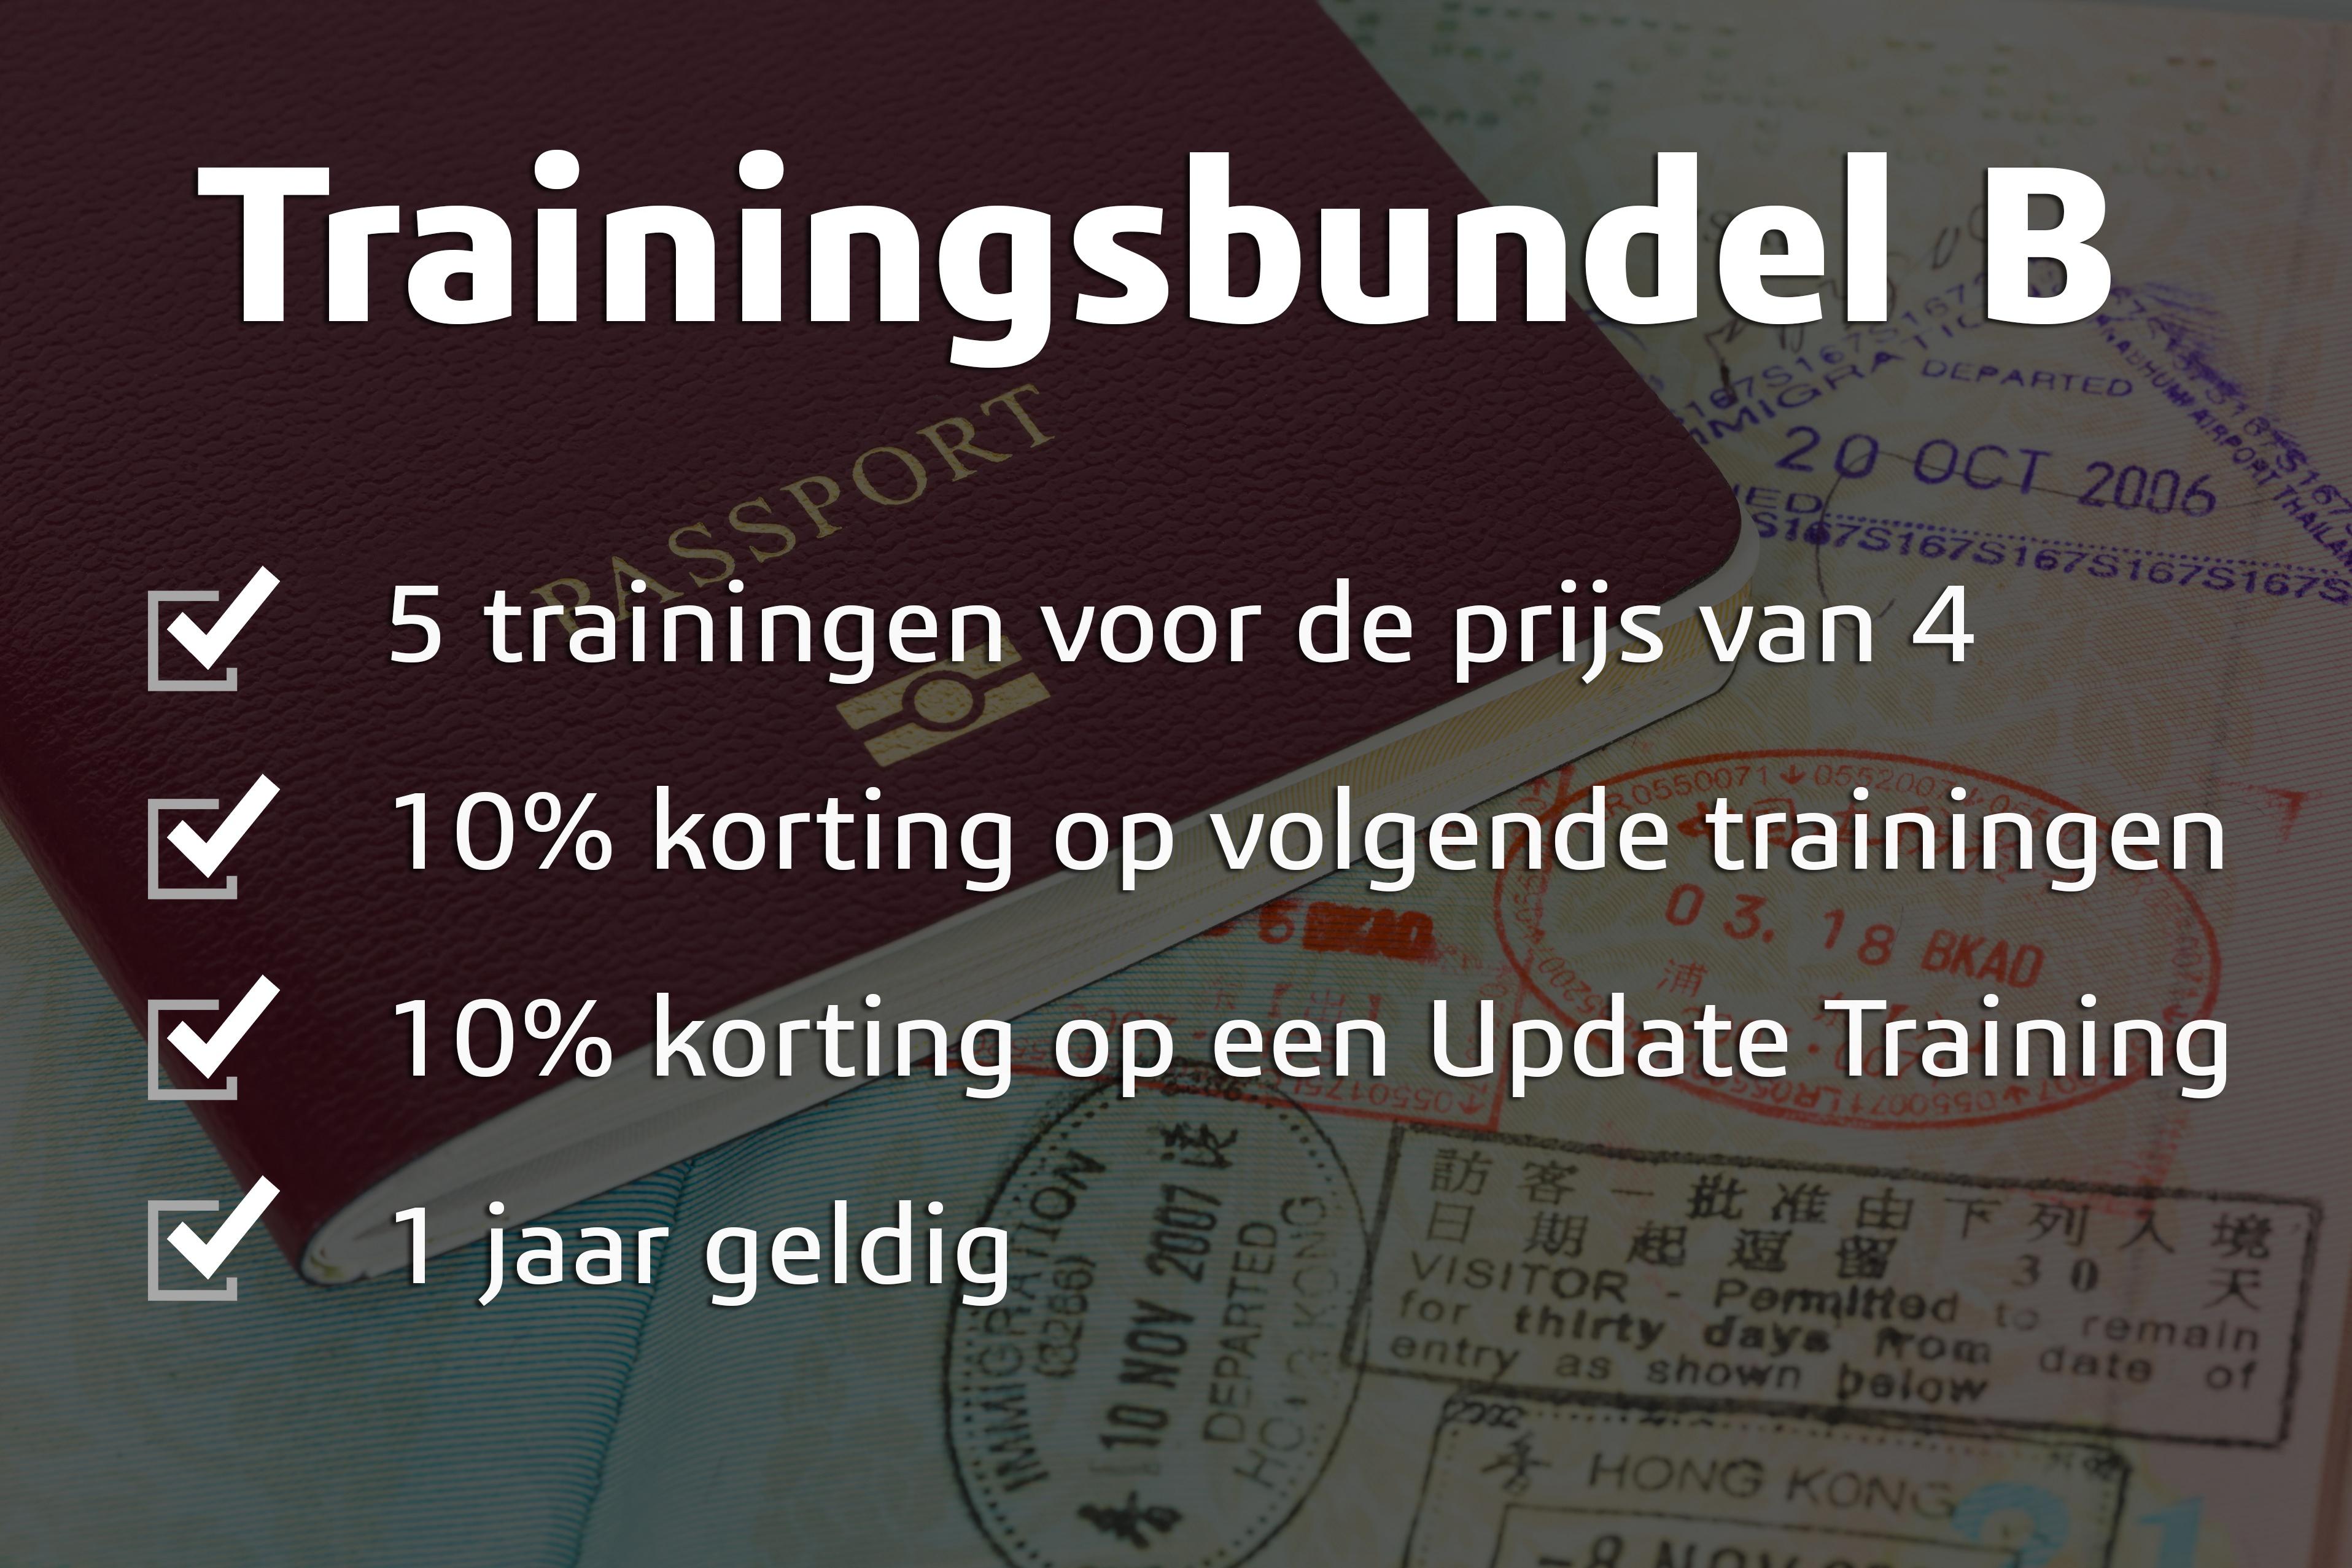 Trainingsbundel B V2.jpg